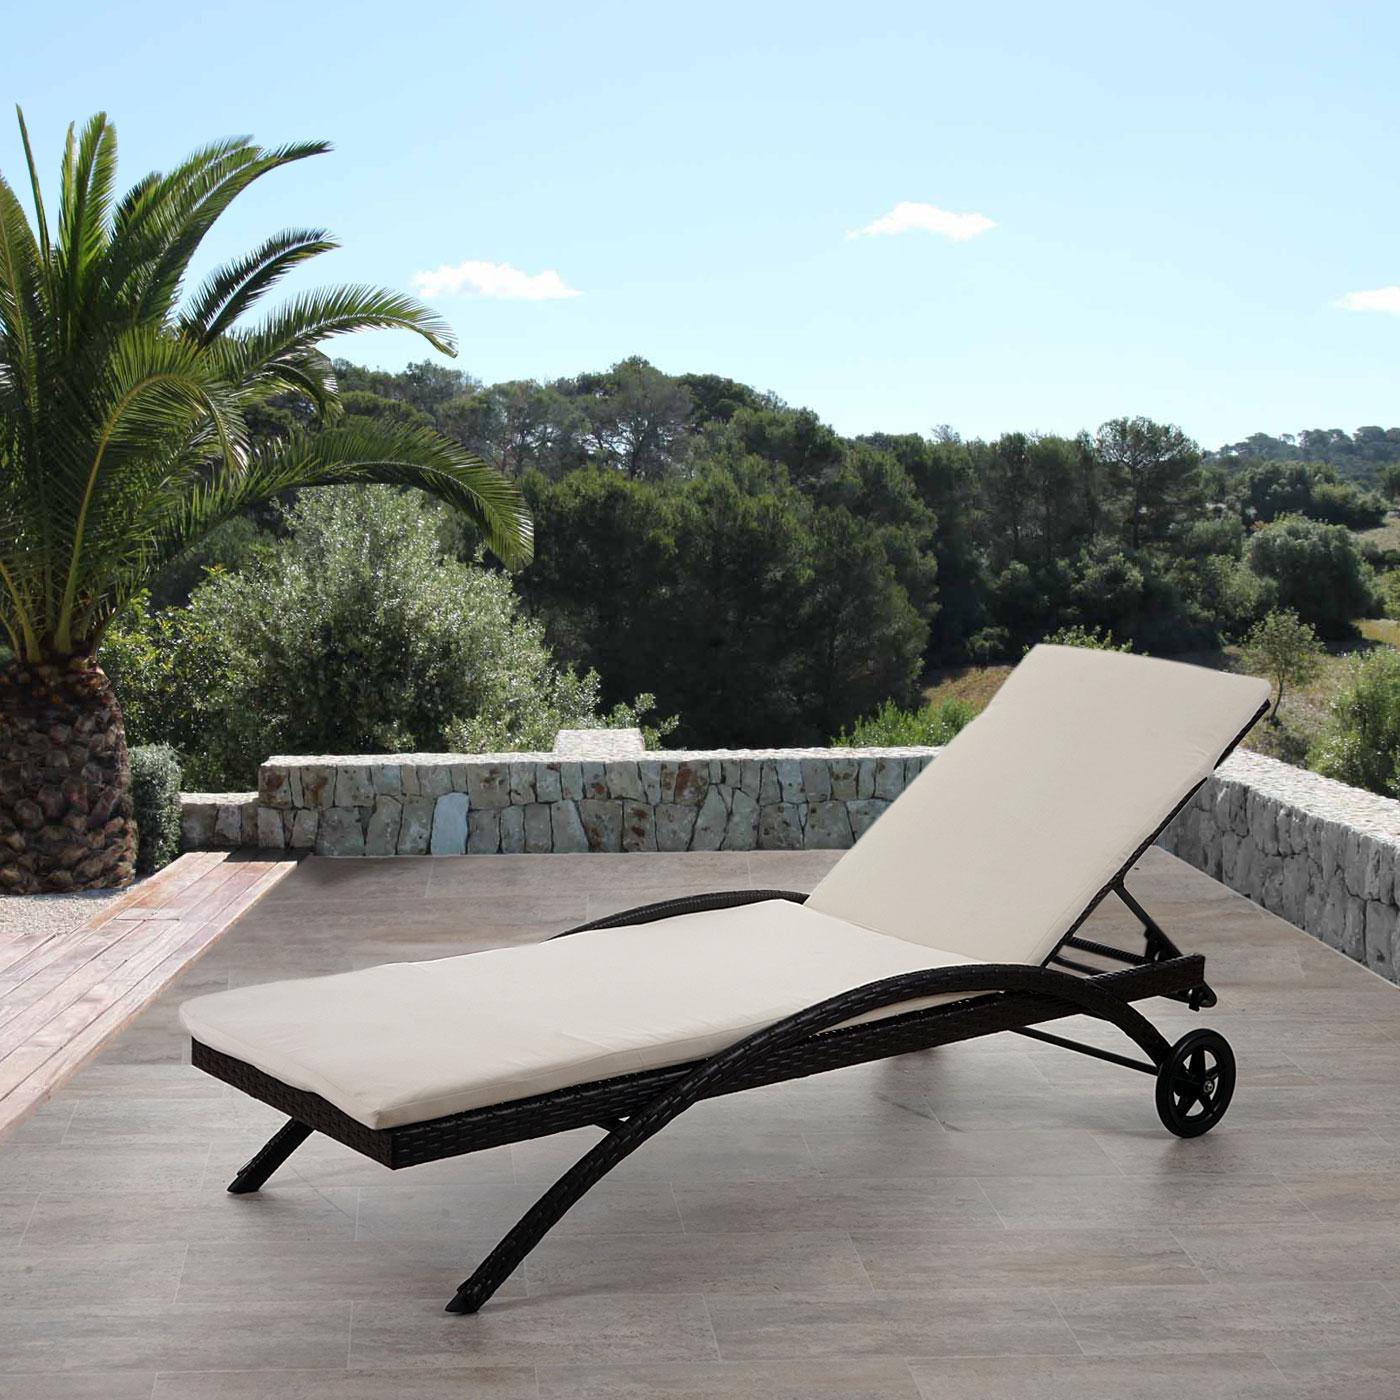 sonnenliege kastoria relaxliege gartenliege poly rattan braun meliert auflage creme. Black Bedroom Furniture Sets. Home Design Ideas